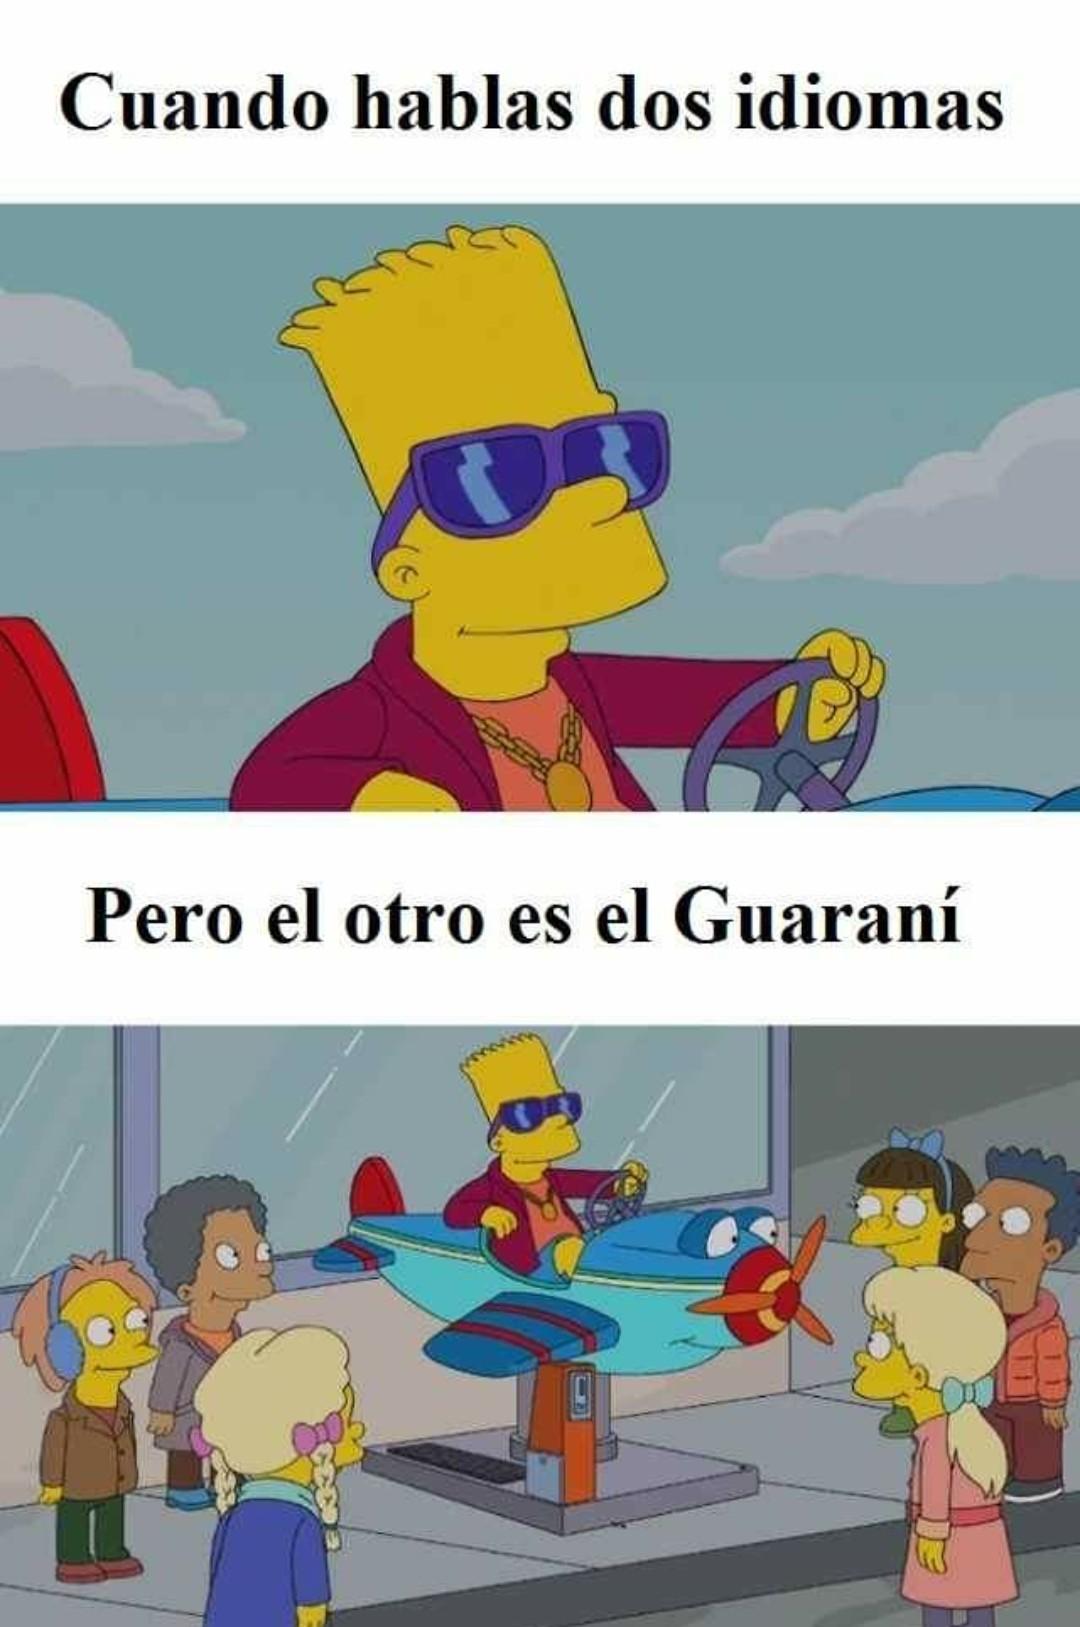 GUARANI - meme